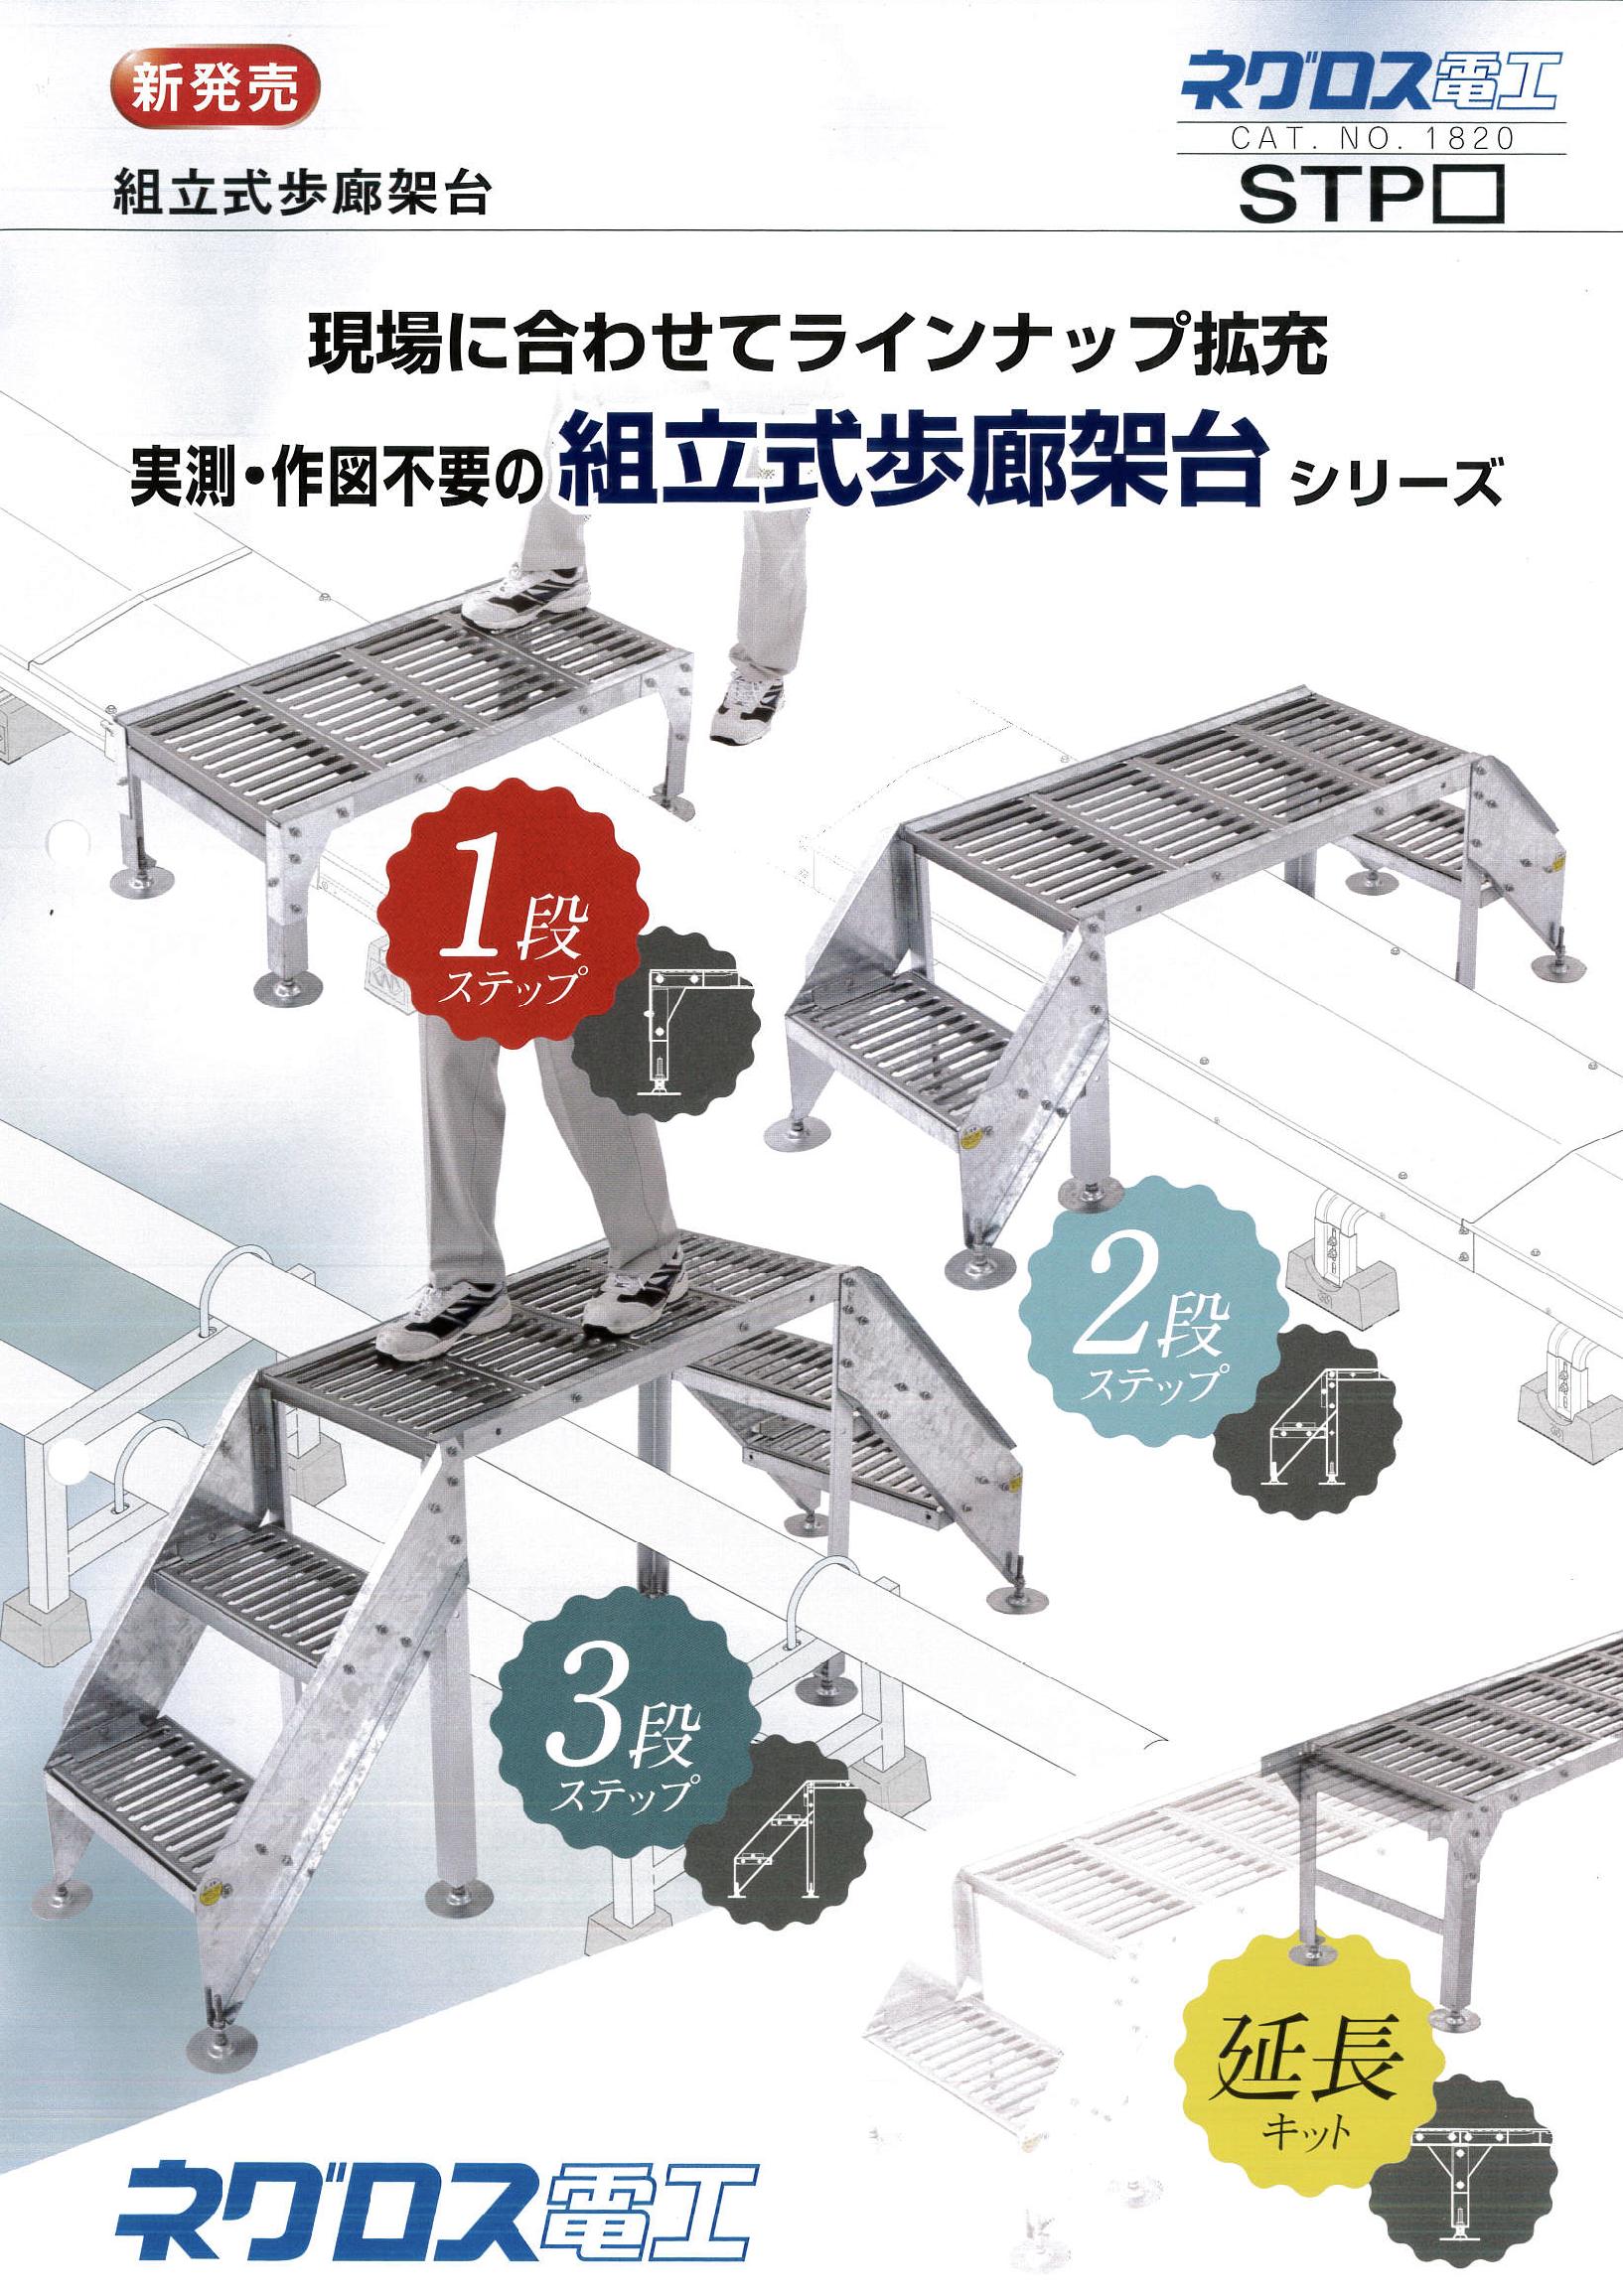 【ネグロス電工】現場に合わせてラインナップ拡充 実測・作図不要の『組立式歩廊架台シリーズ』の画像